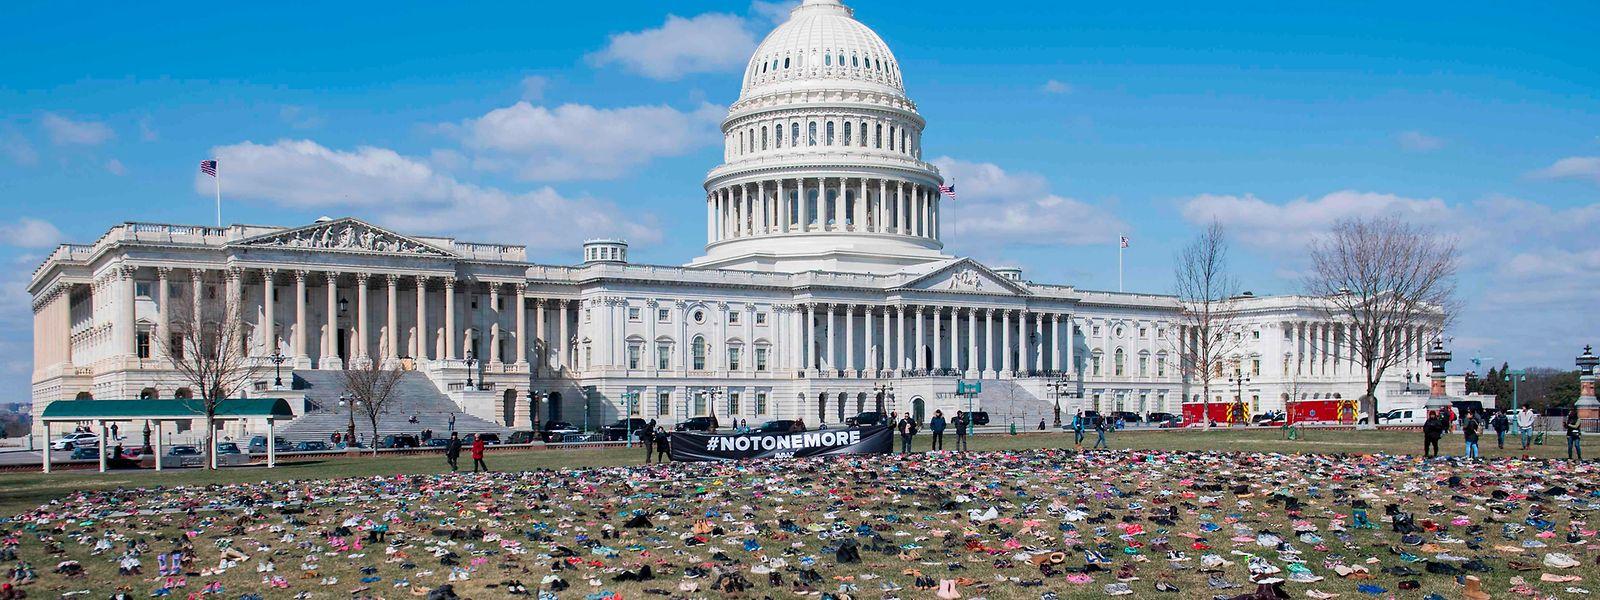 Der Rasen rund um das US-Kongressgebäude in Washington wurde mit Schuhen verziert. Der Grund: Es soll ein Protest gegen die verbreitete Waffengewalt in den USA sein.